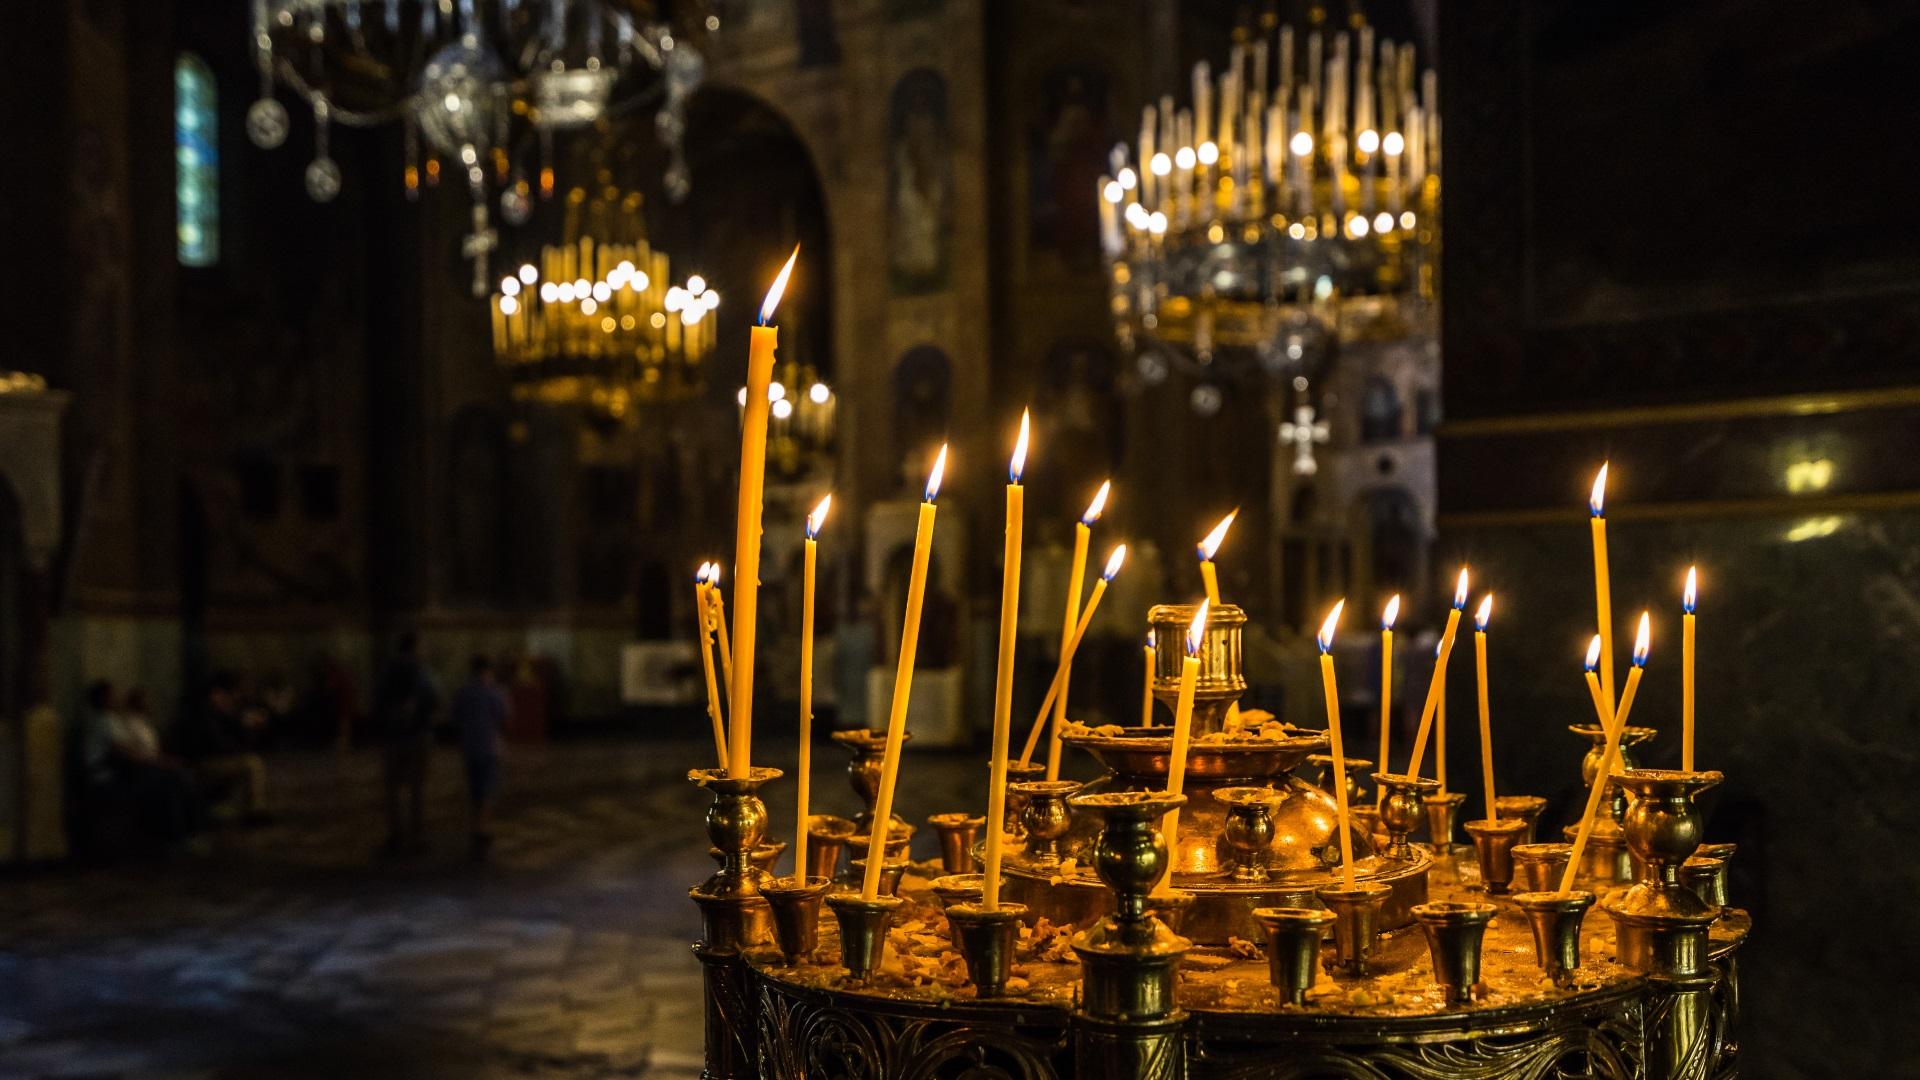 <p>Православната църква почита на 17 януари паметта на Преподобния Антоний Велики. Празникът е наричан от народа Антоновден. Според българската народна традиция Антоновден се празнува за предпазване от болести. На този ден жените не предат, не плетат, не варят боб и леща, за да не разсърдят чумата, шарката и &quot;синята пъпка&quot;.</p>